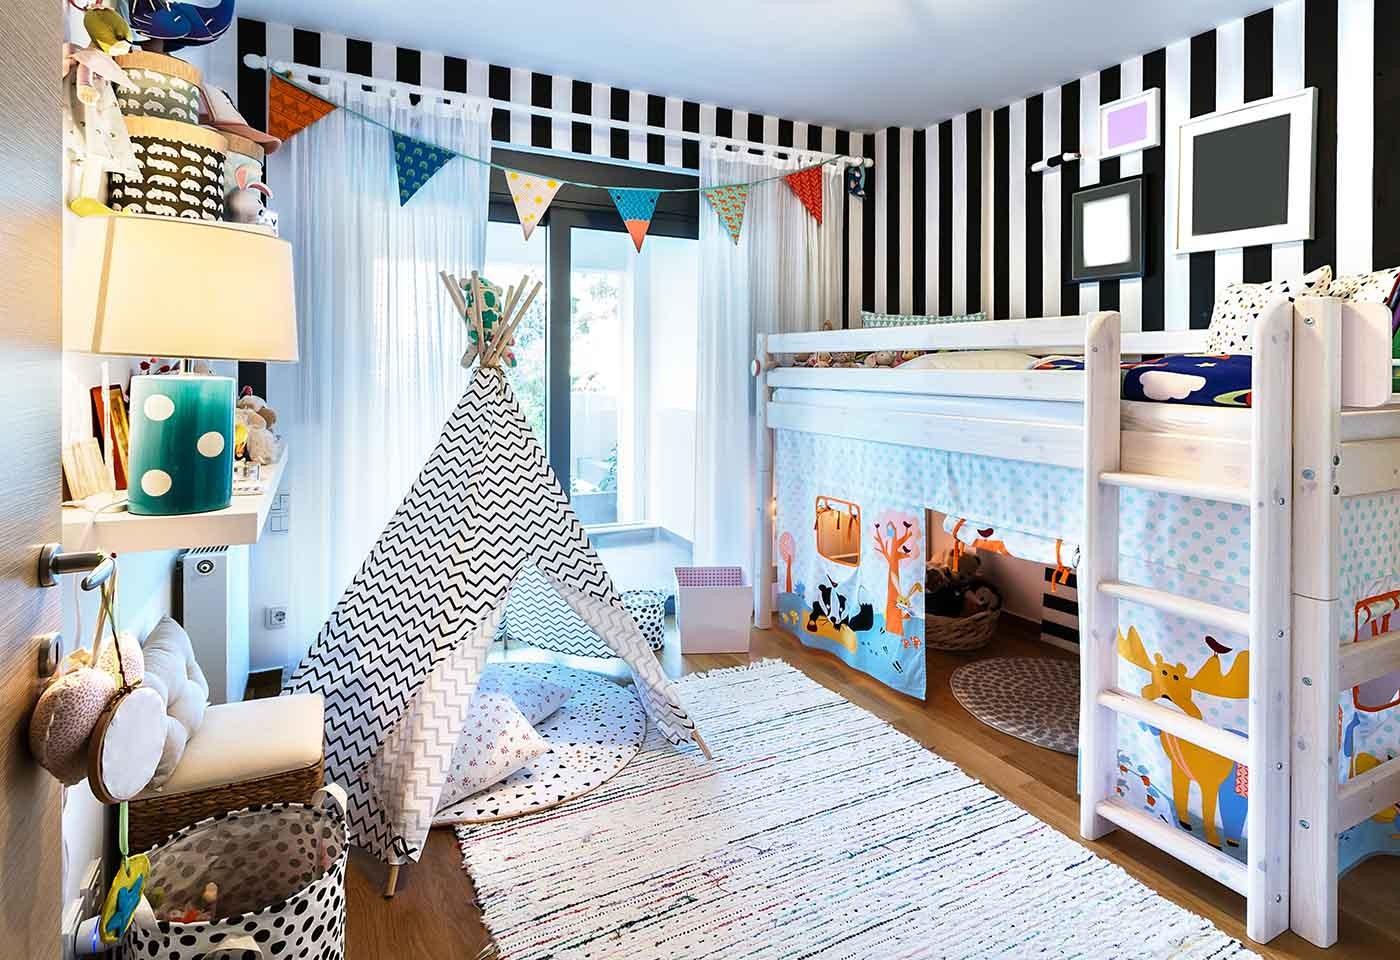 Idee Camere Da Letto Salvaspazio soluzioni salvaspazio. casa piccola, arredamento completo.